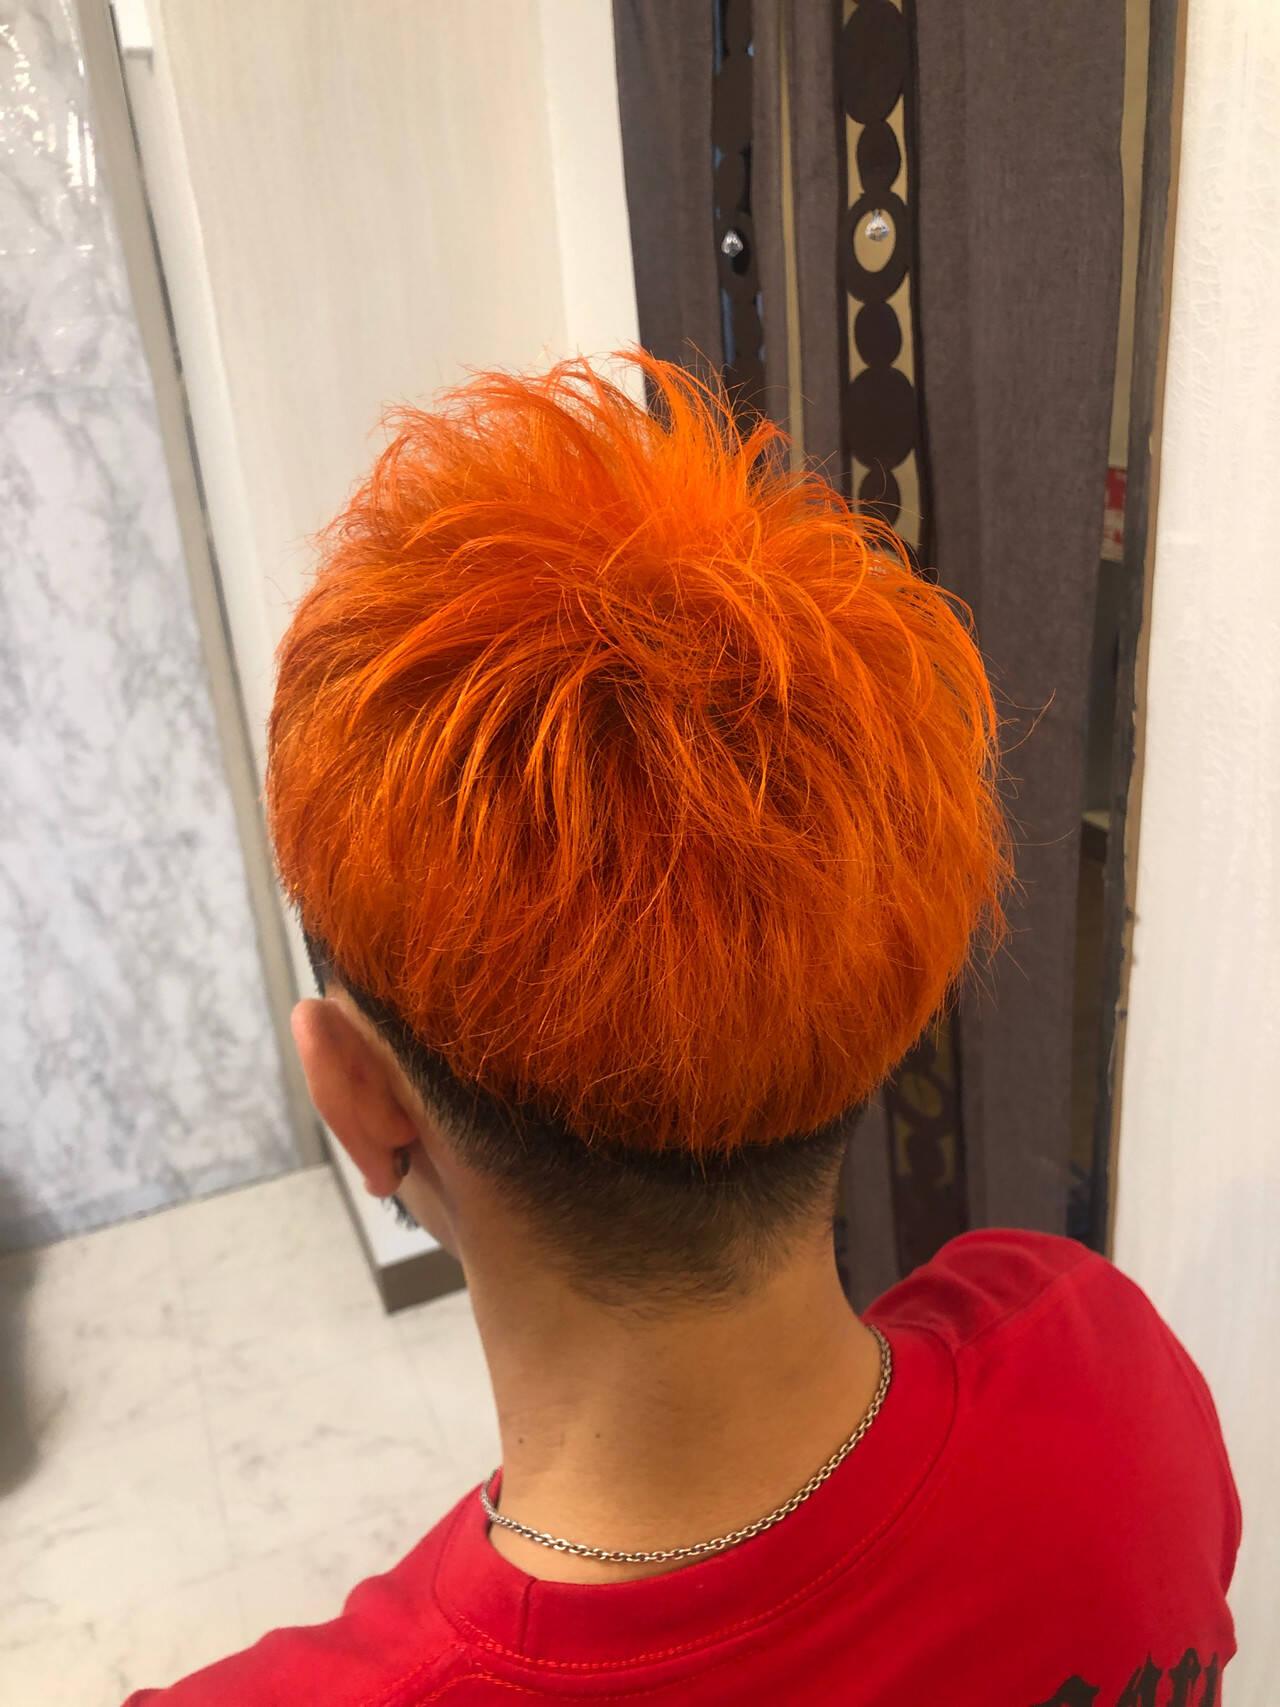 ダブルカラー ガーリー ベリーショート メンズヘアスタイルや髪型の写真・画像